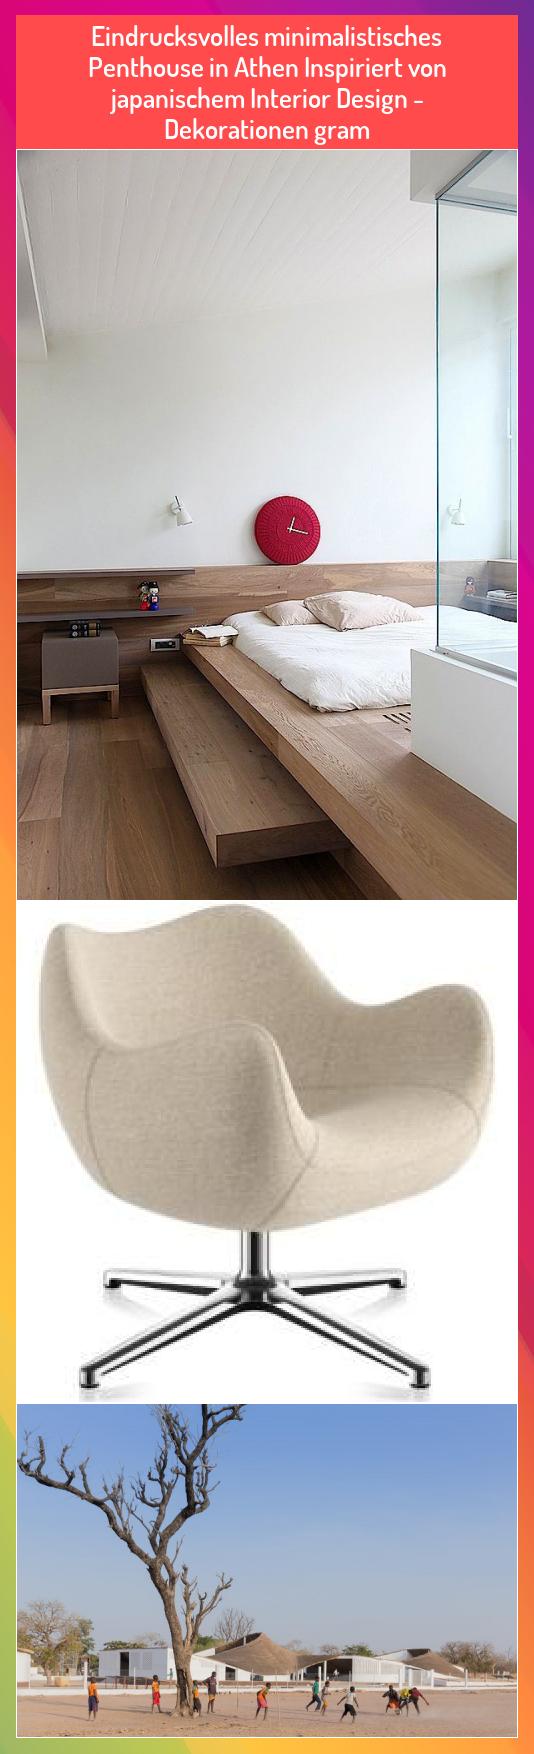 Eindrucksvolles minimalistisches Penthouse in Athen Inspiriert von japanischem Interior Design - Dekorationen gram #Athen #Dekorationen #design #Eindrucksvolles #gram #inspiriert #interior #japanischem #Minimalistisches #Penthouse #von